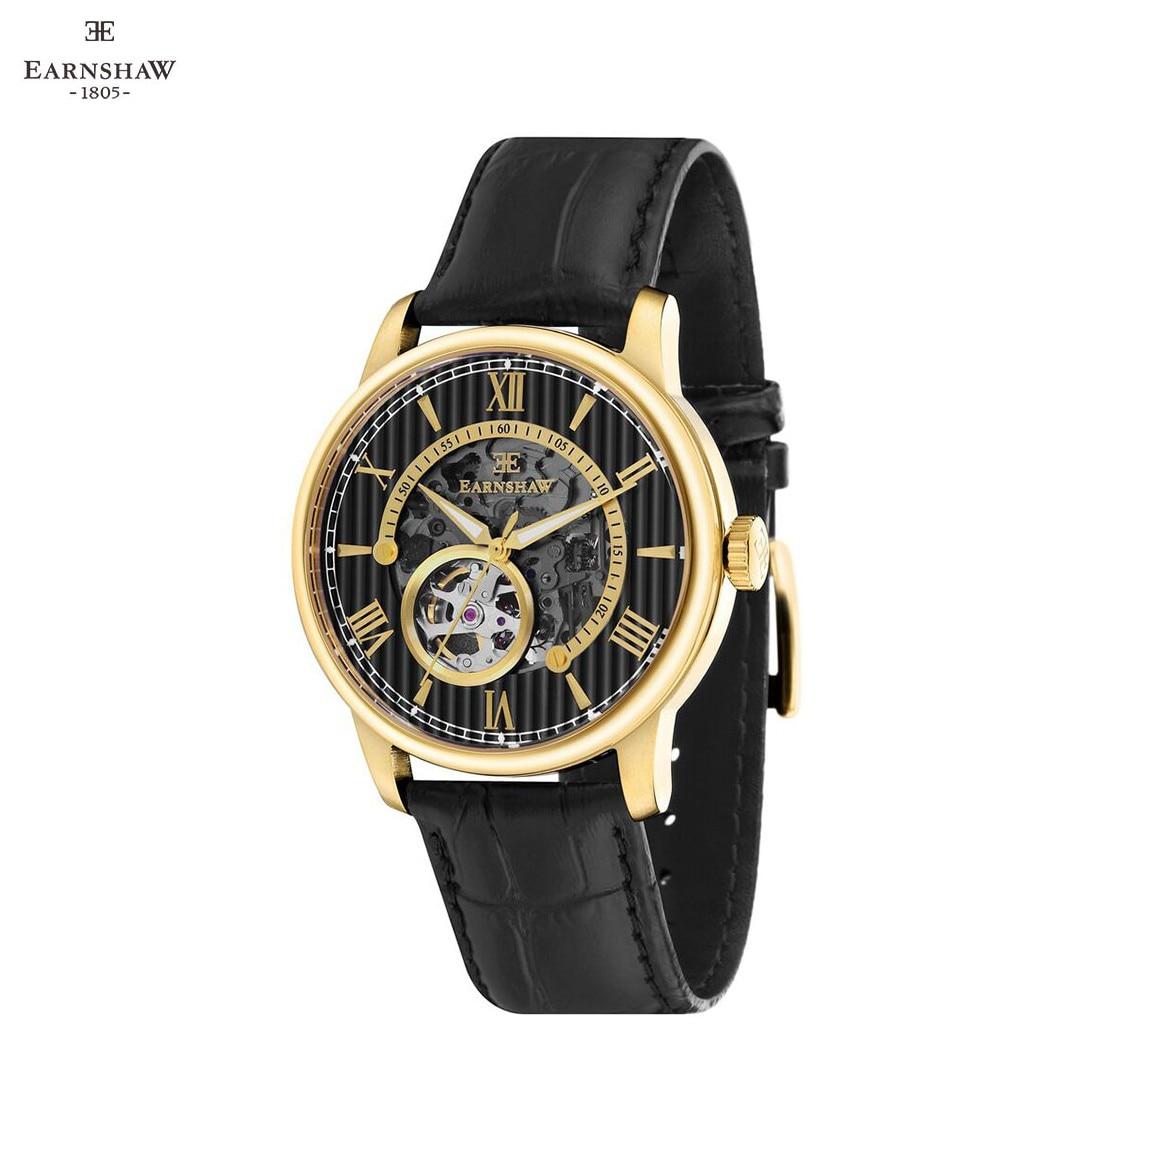 Наручные часы Earnshaw ES 8802 03 мужские механические с автоподзаводом на кожаном ремешке Механические часы    АлиЭкспресс